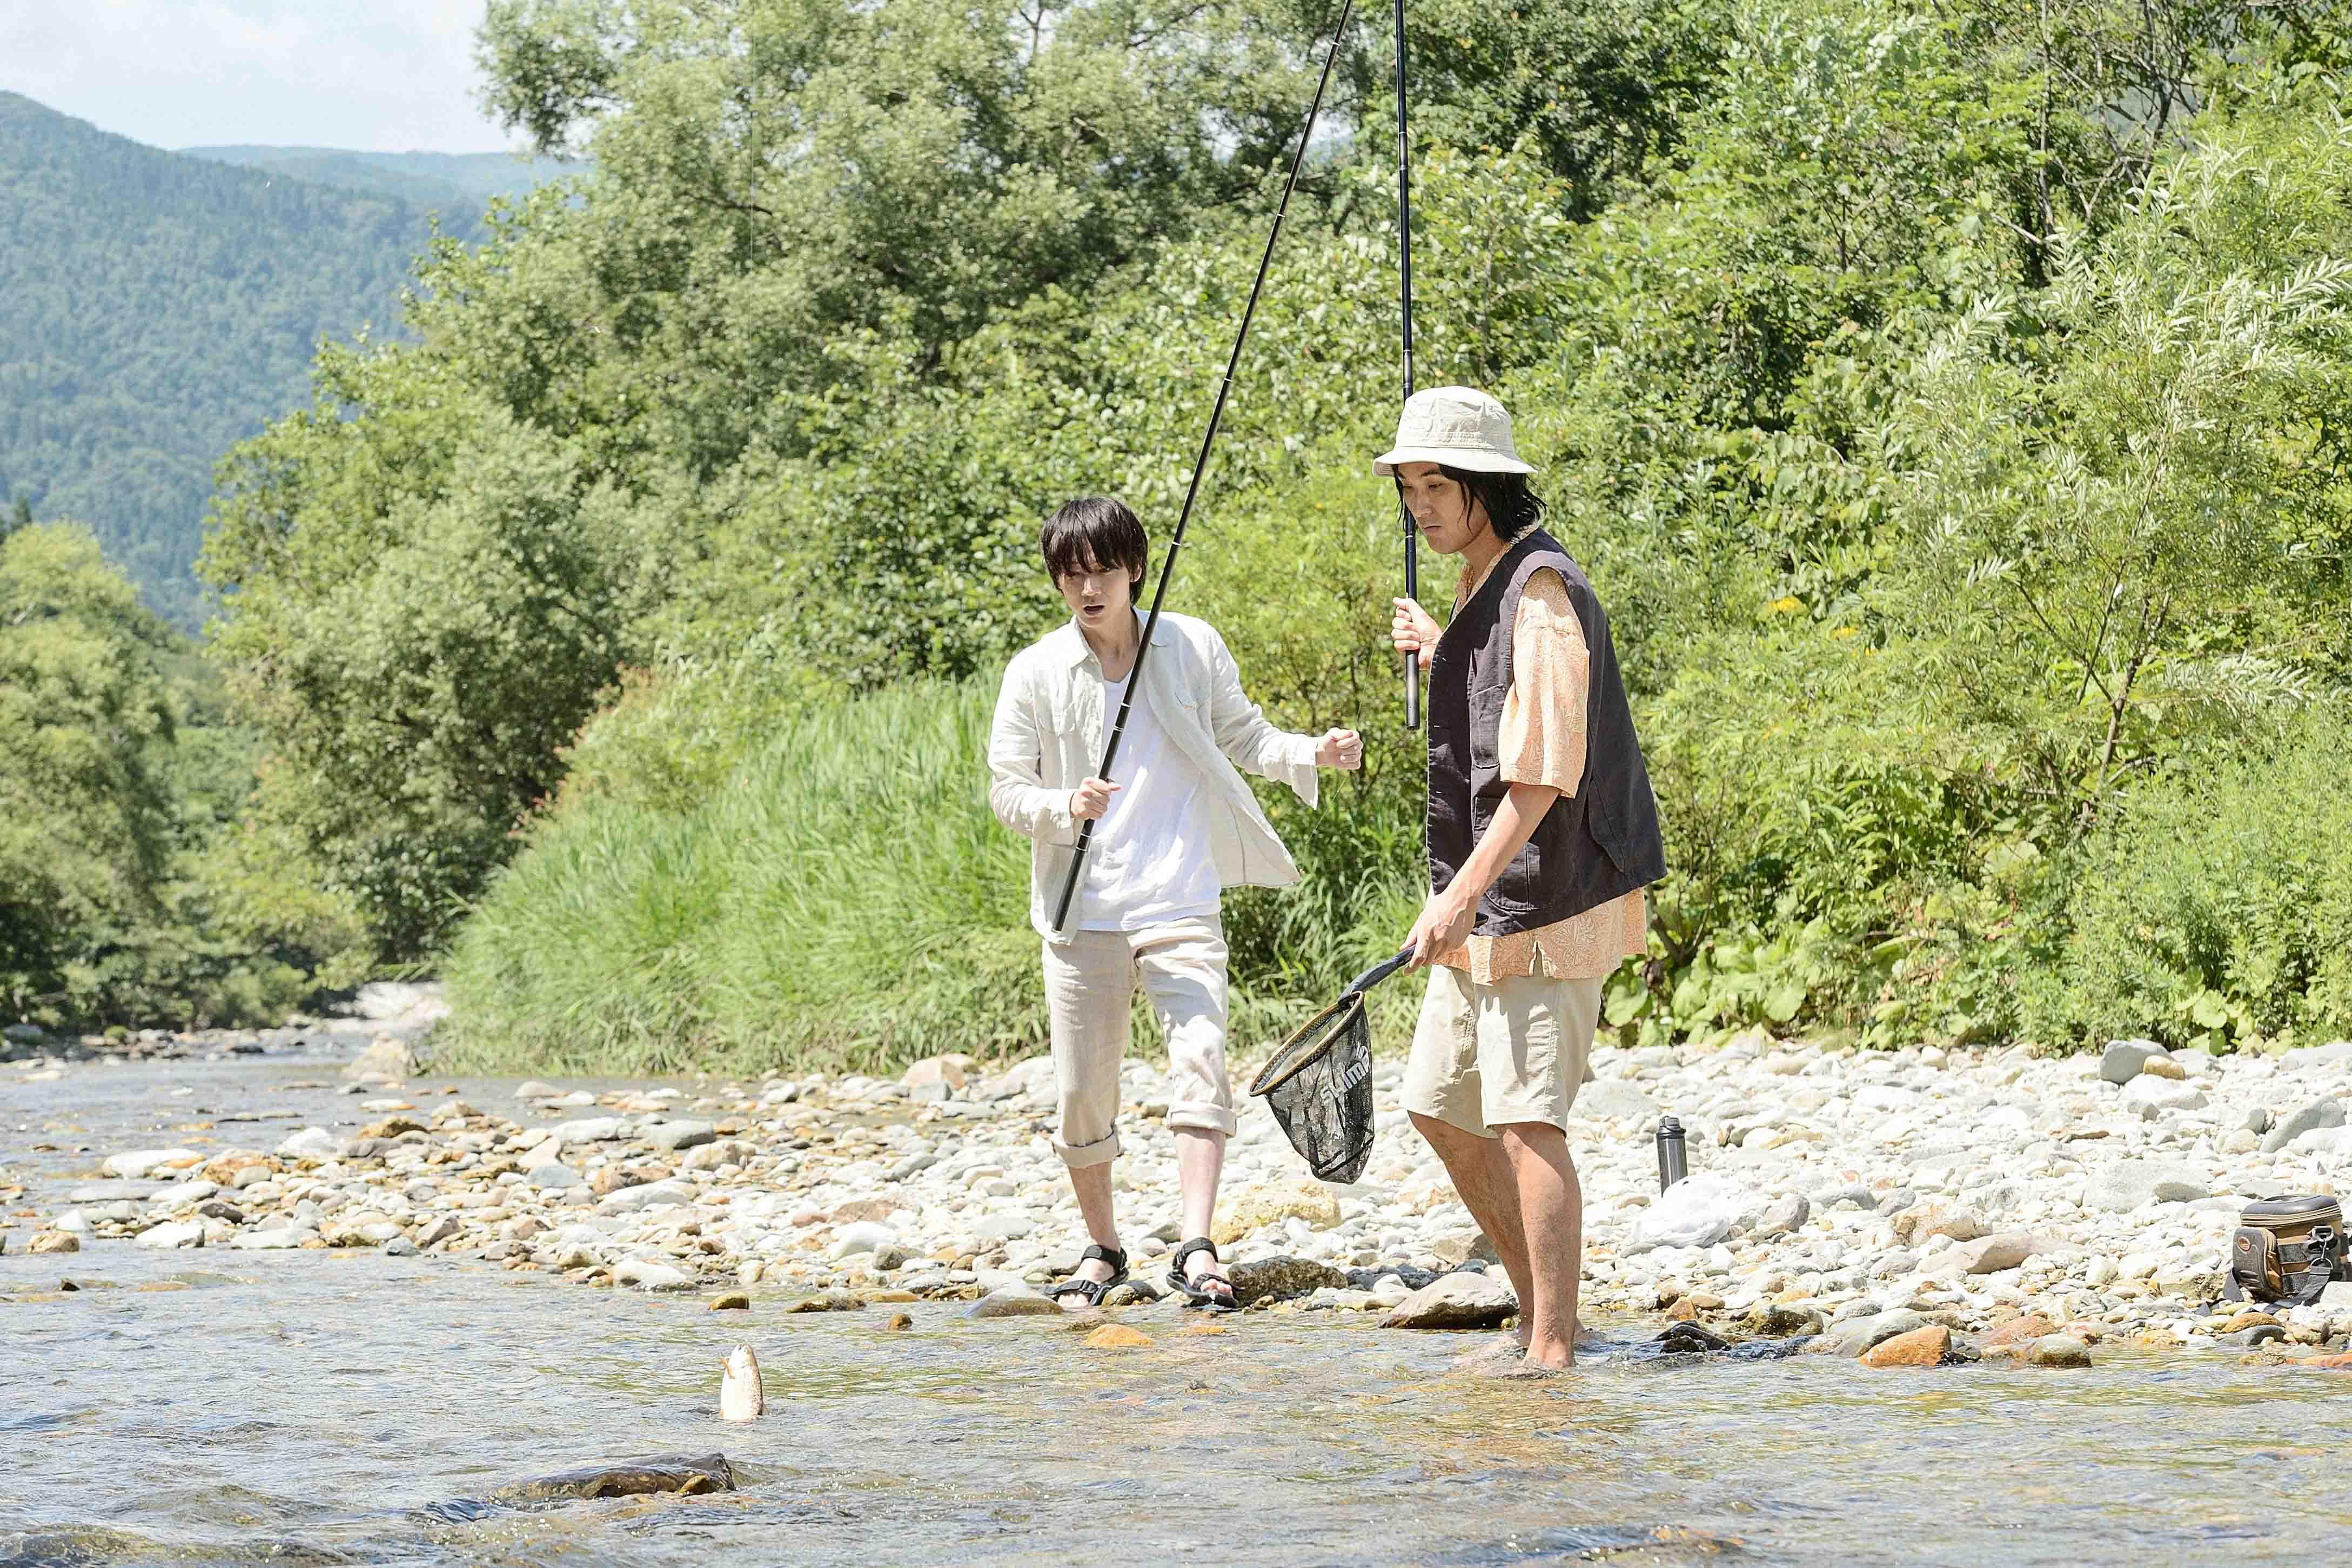 兩人有多場漫步在森林、恣意在大自然遊玩的戲,劇組在力求真實的同時也致力於環境保育,甚至找來當地電視台與漁民等七位達人,進行釣魚的監督與指導